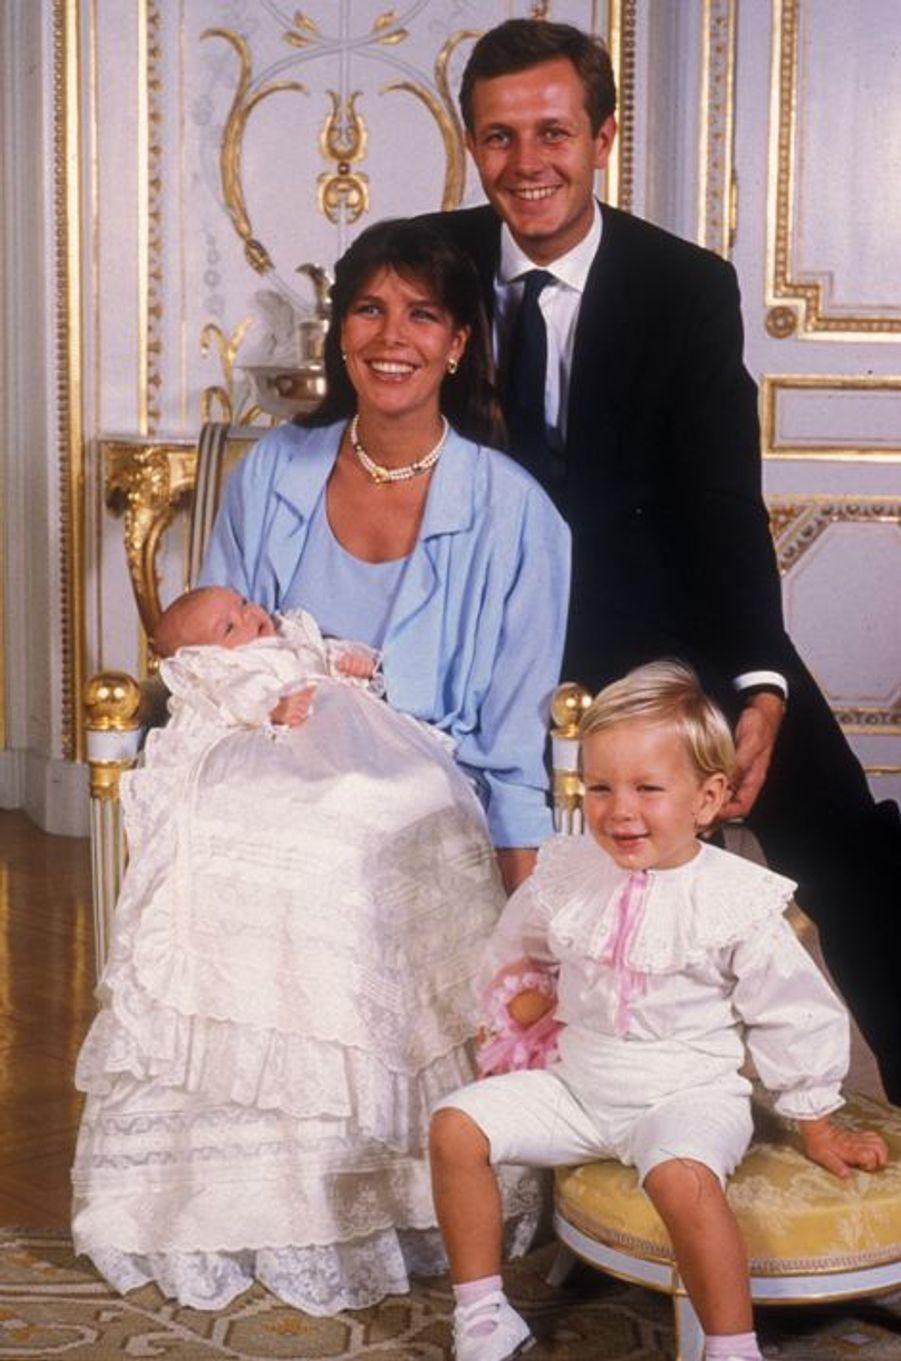 Le baptème de Charlotte Casiraghi le 21 septembre 1986